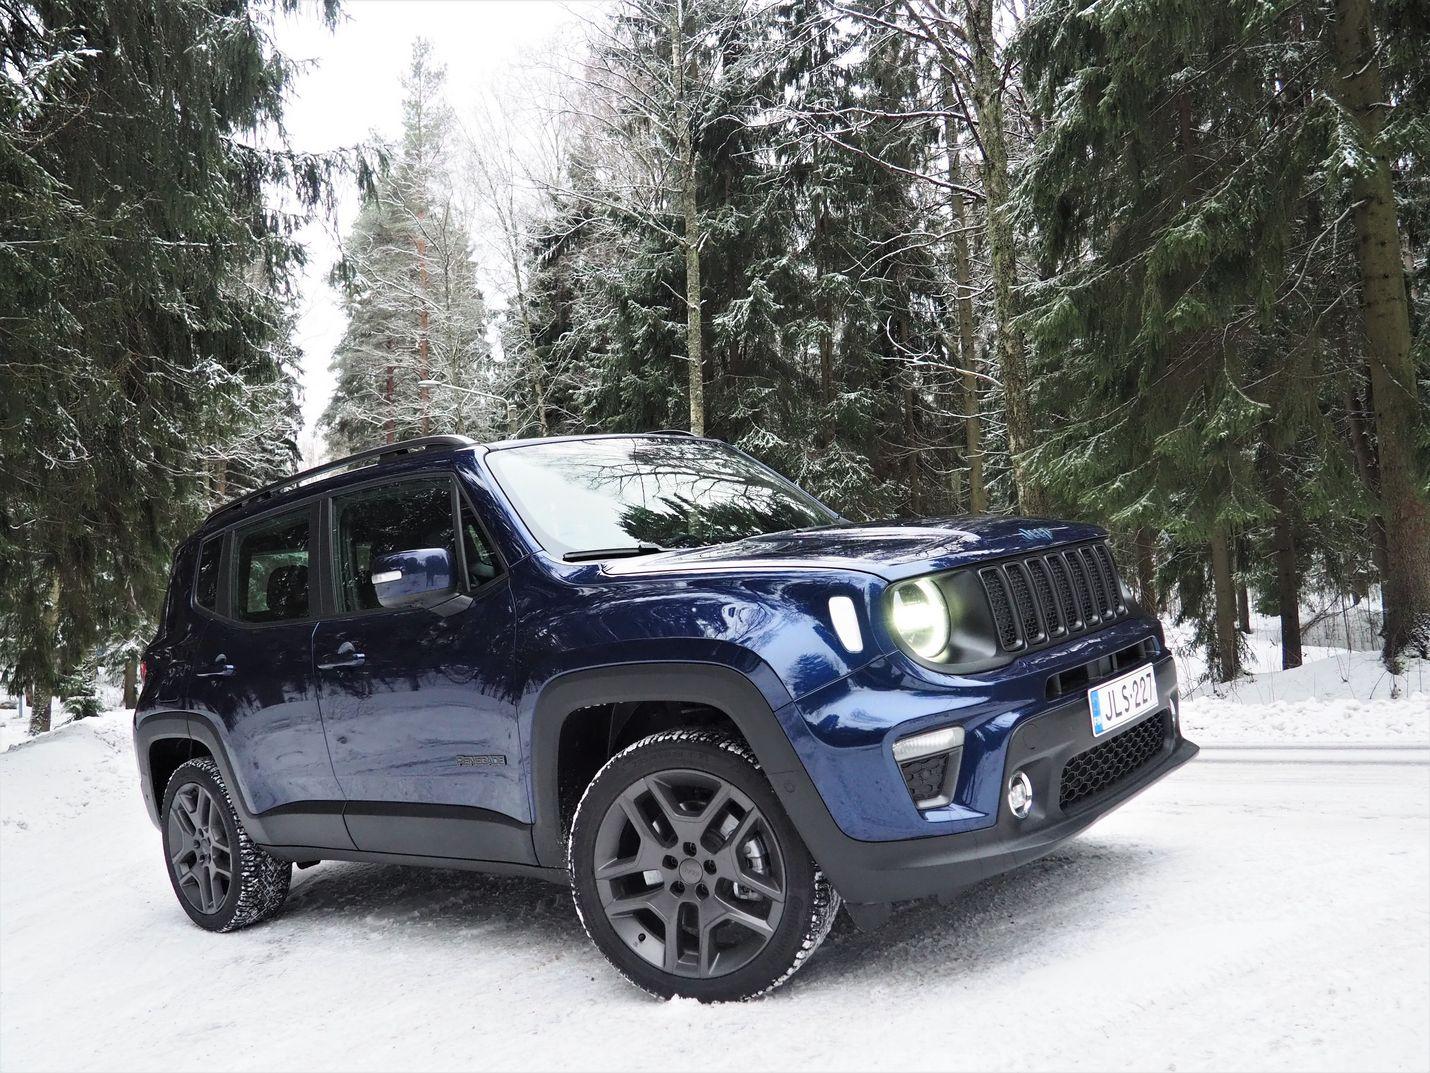 Jeep Renegaden jäyhä ulkonäkö antaa ymmärtää, että peltien alla riittää suorituskykyä niin maantielle kuin maastoonkin.